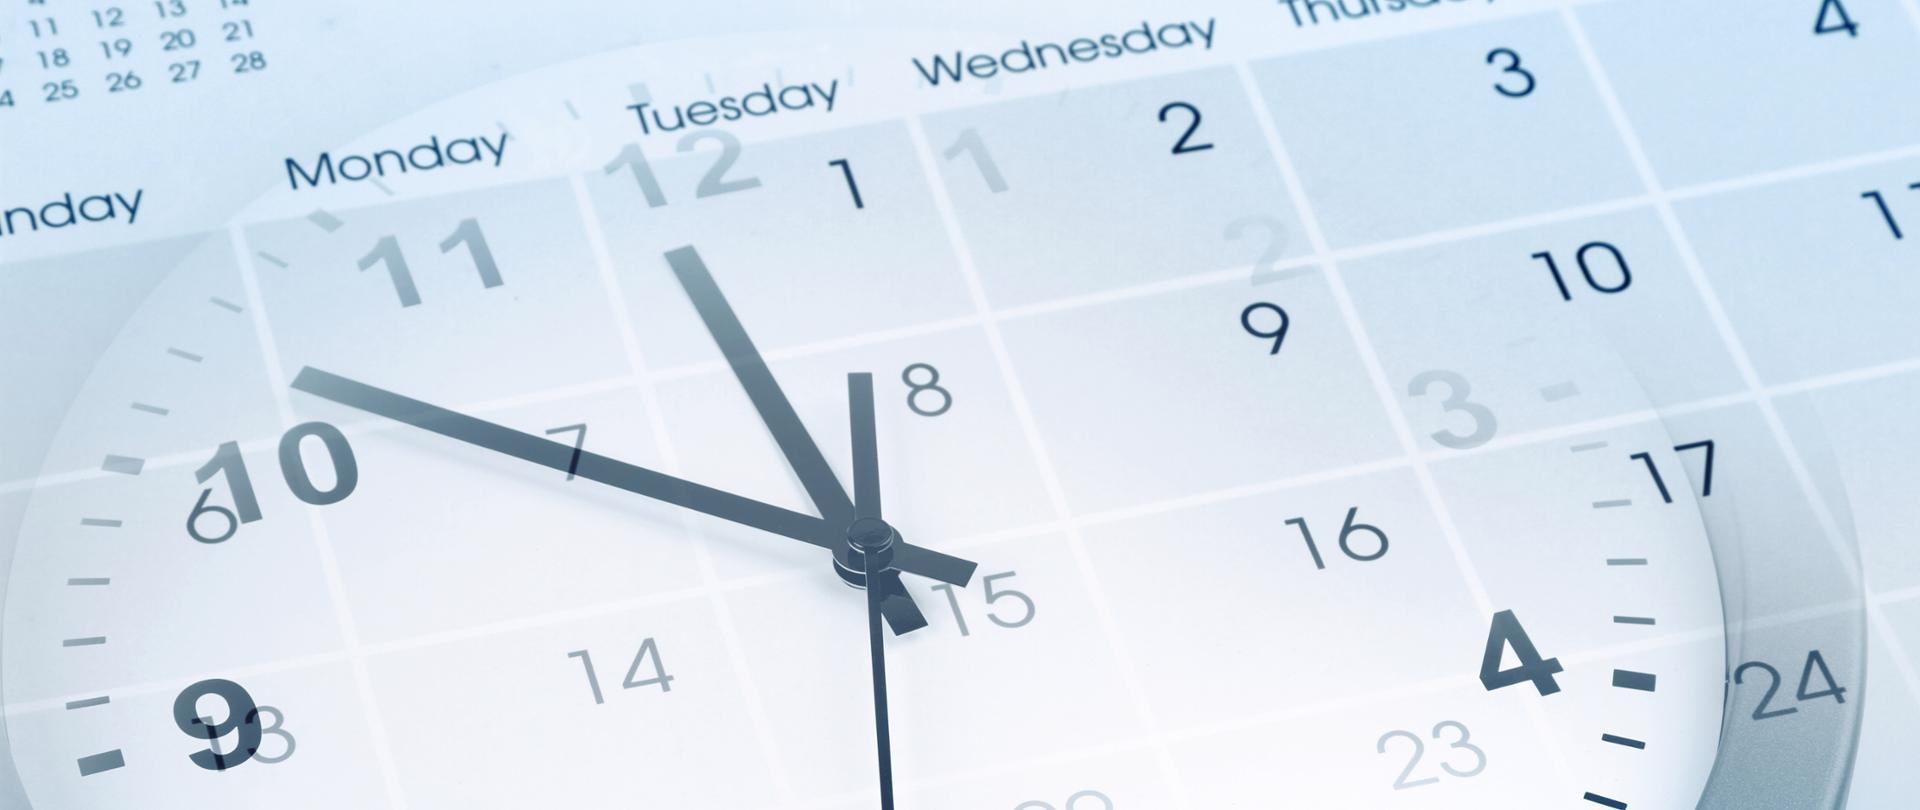 Ulga abolicyjna - terminy stosowania limitu odliczenia  - Biały zegar z czarnymi wskazówkami na tle niebiesko białego kalendarza